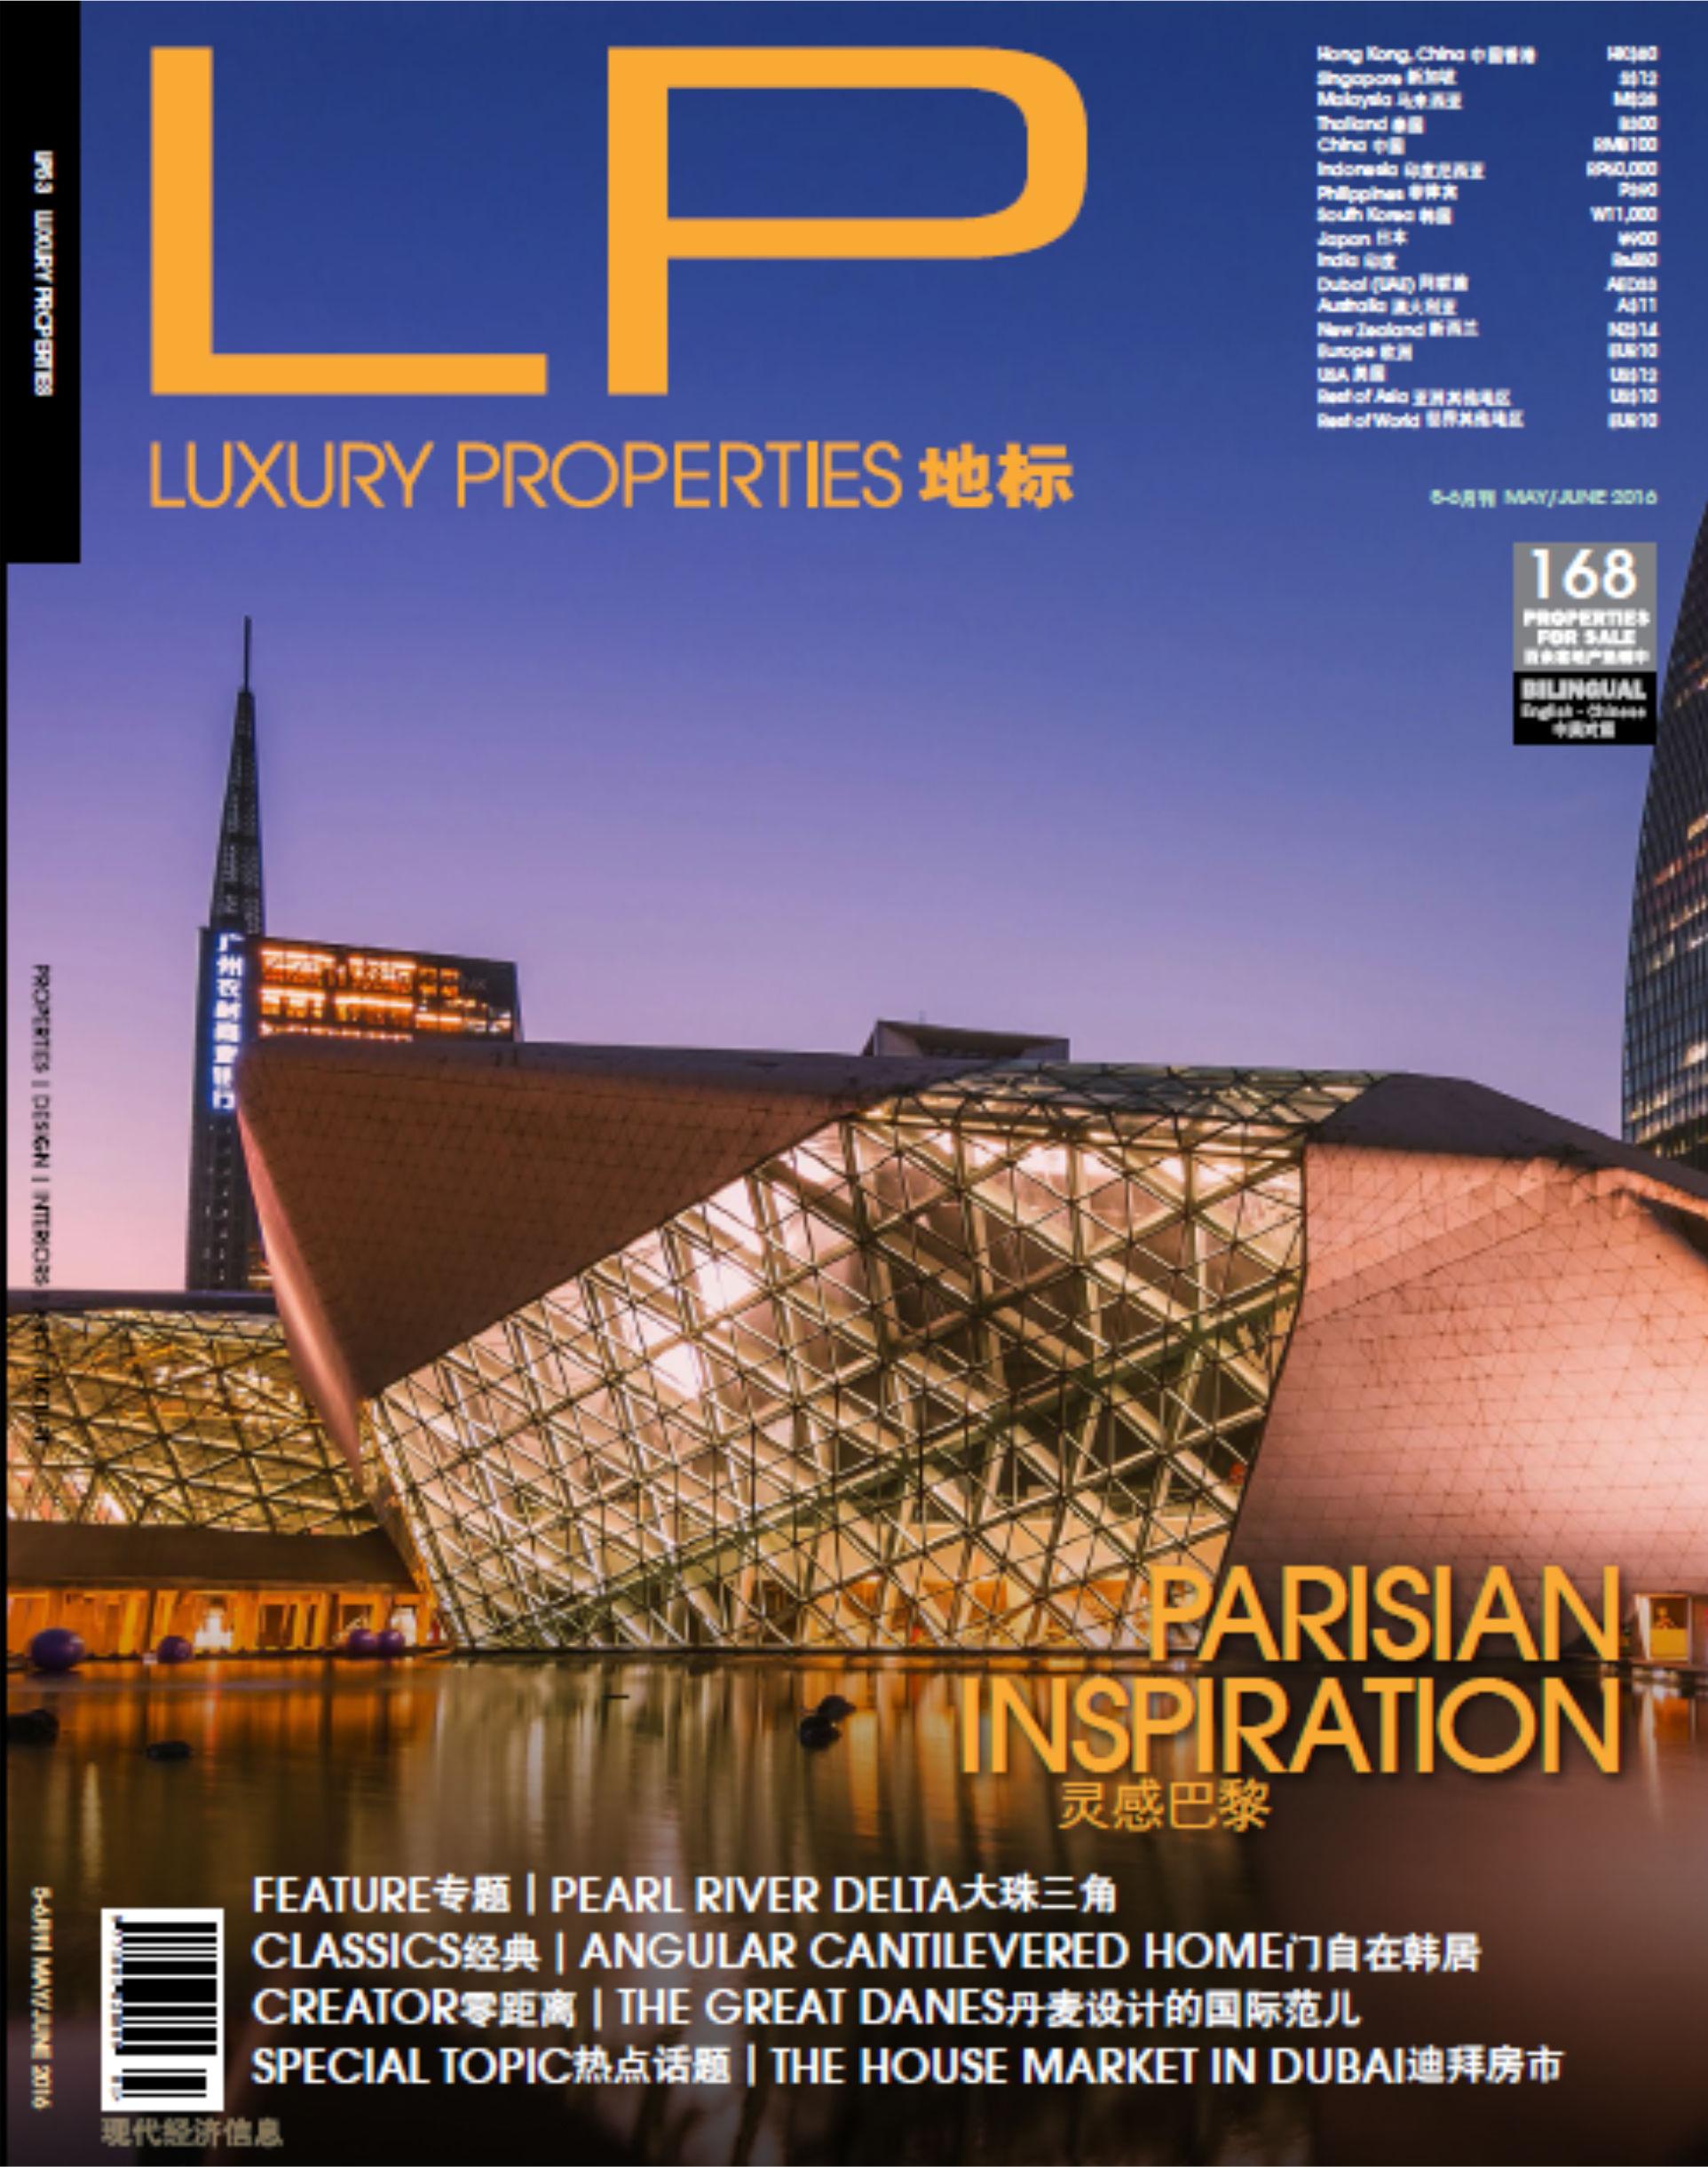 Luxury-properties 01.jpg